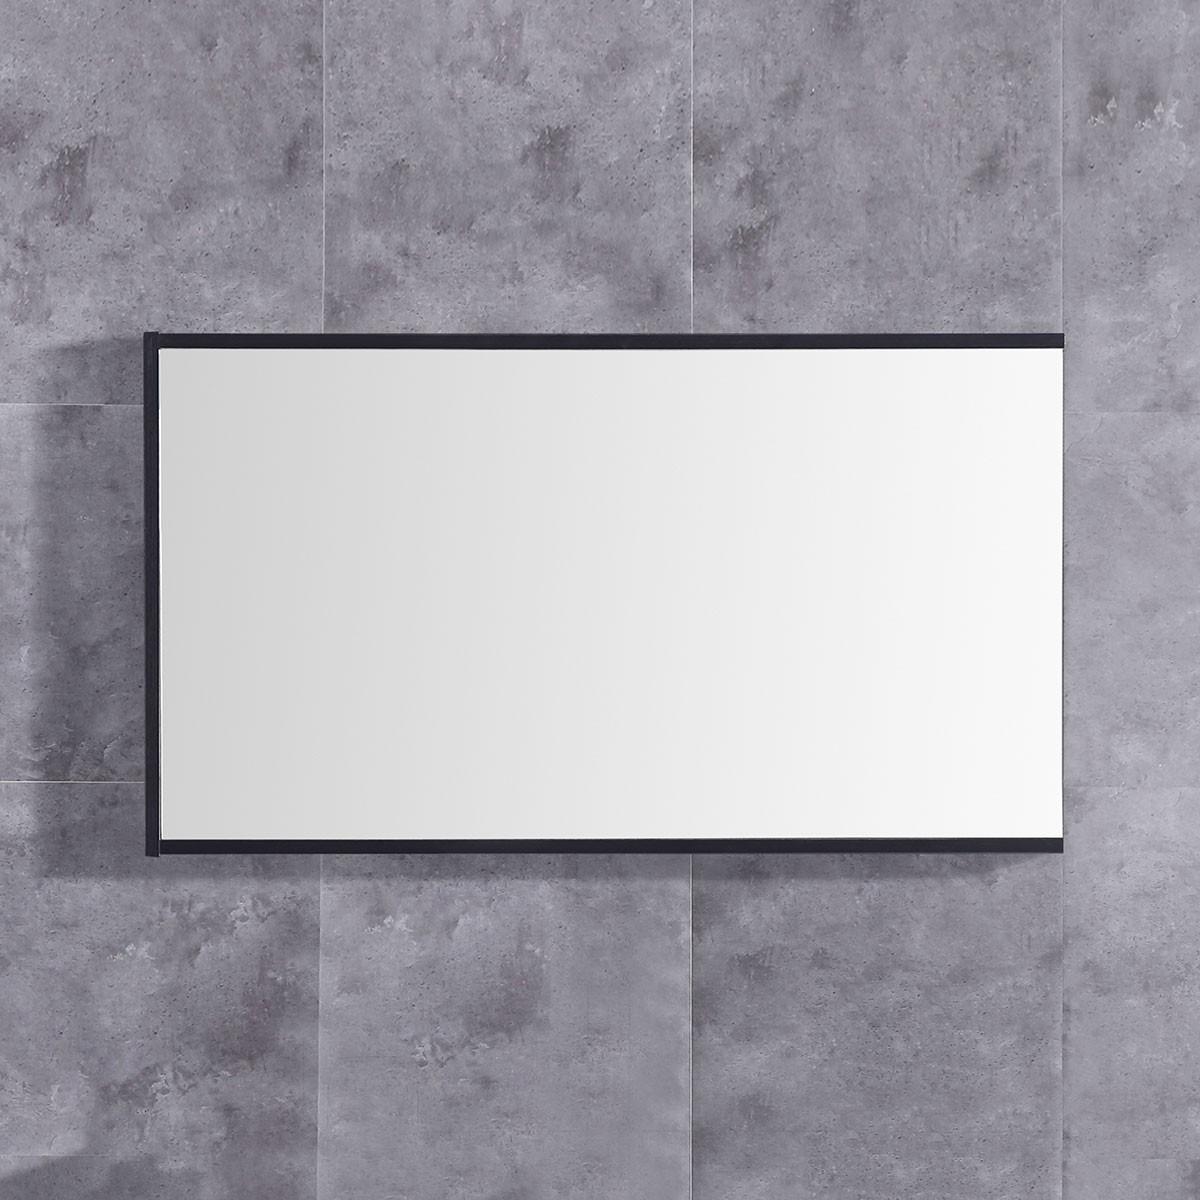 40 x 28 po Miroir pour vanité avec cadre en bois (DK-TH9032-M)